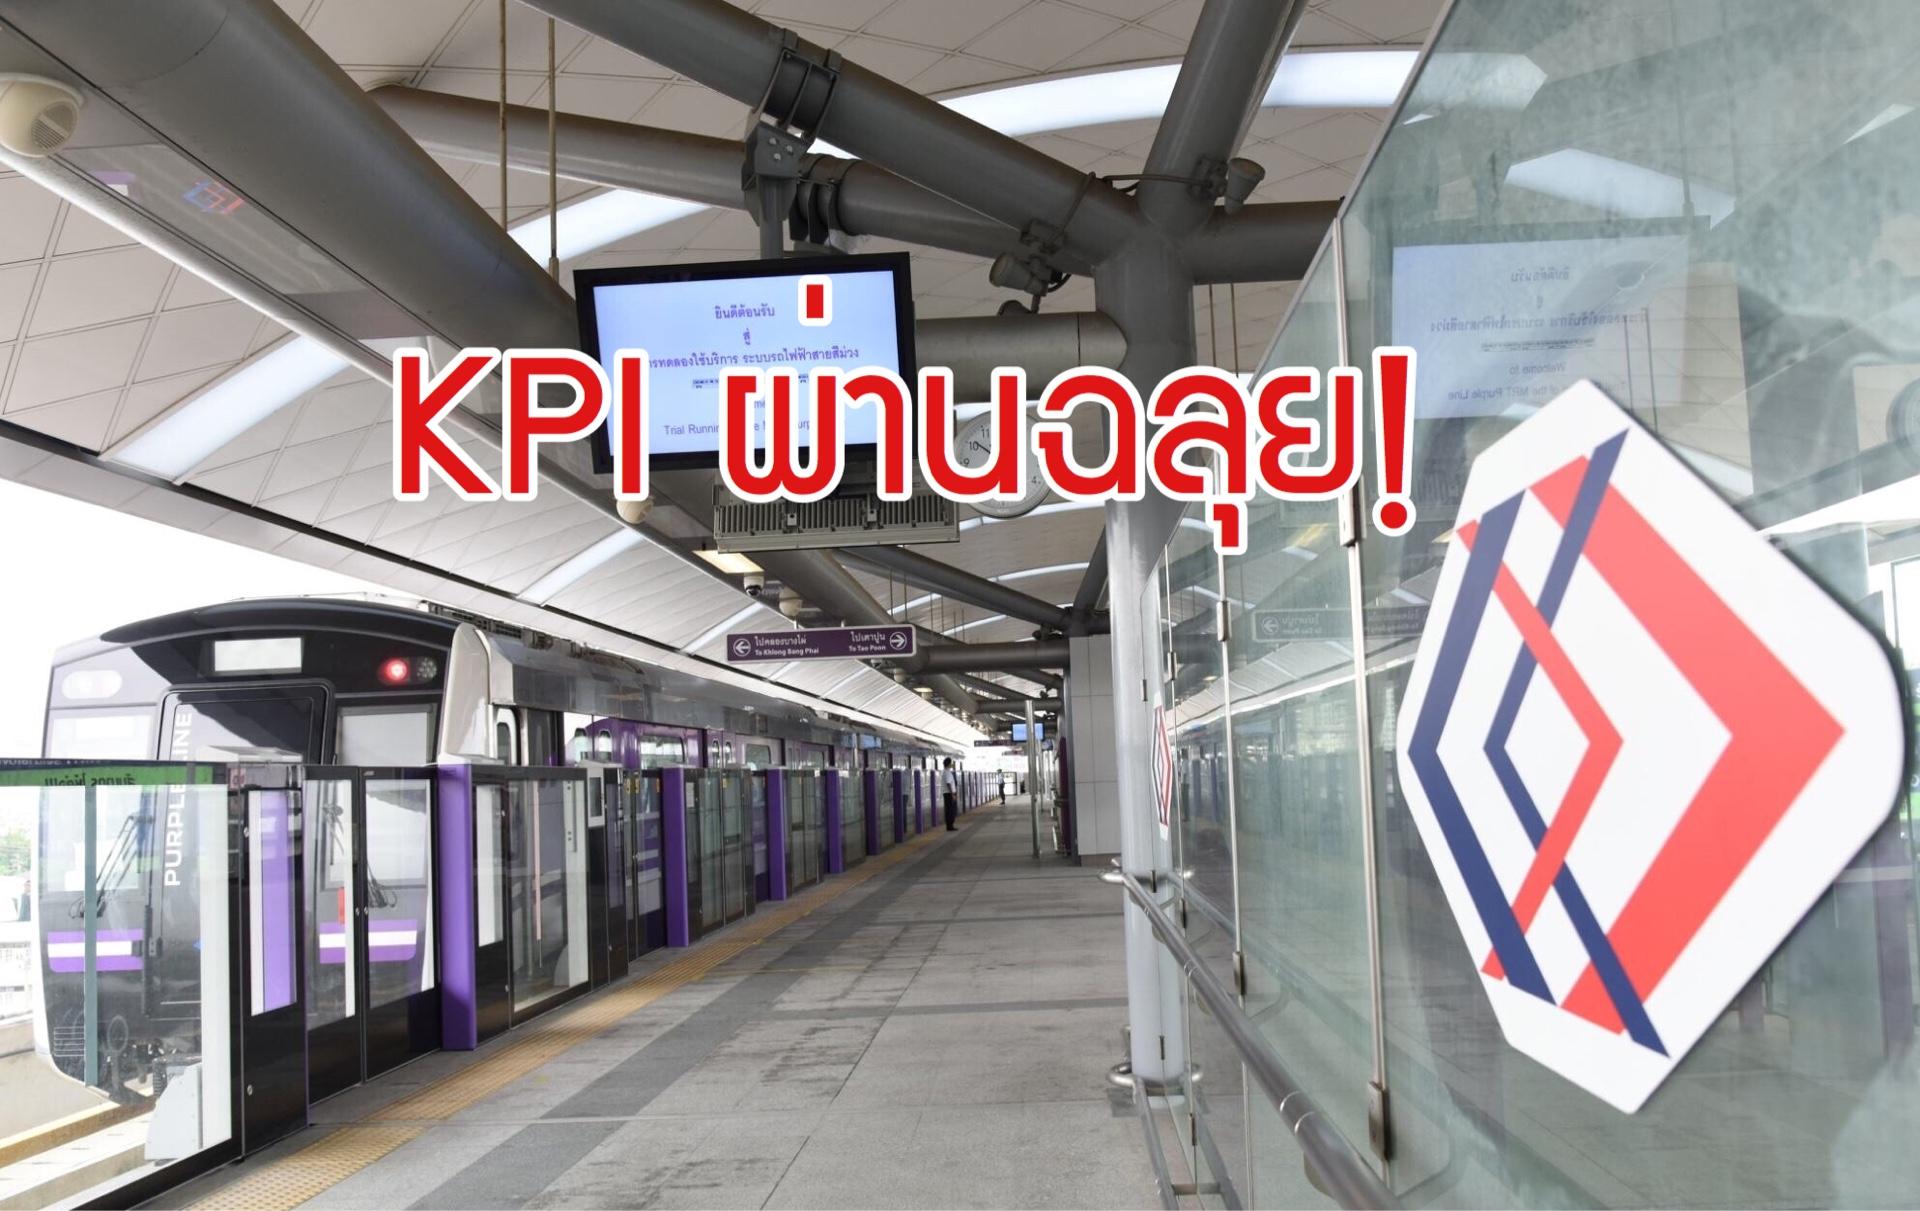 'รถไฟฟ้าสายสีม่วง' ผ่าน KPI ฉลุย! คว้าคะแนนเฉลี่ย 99%